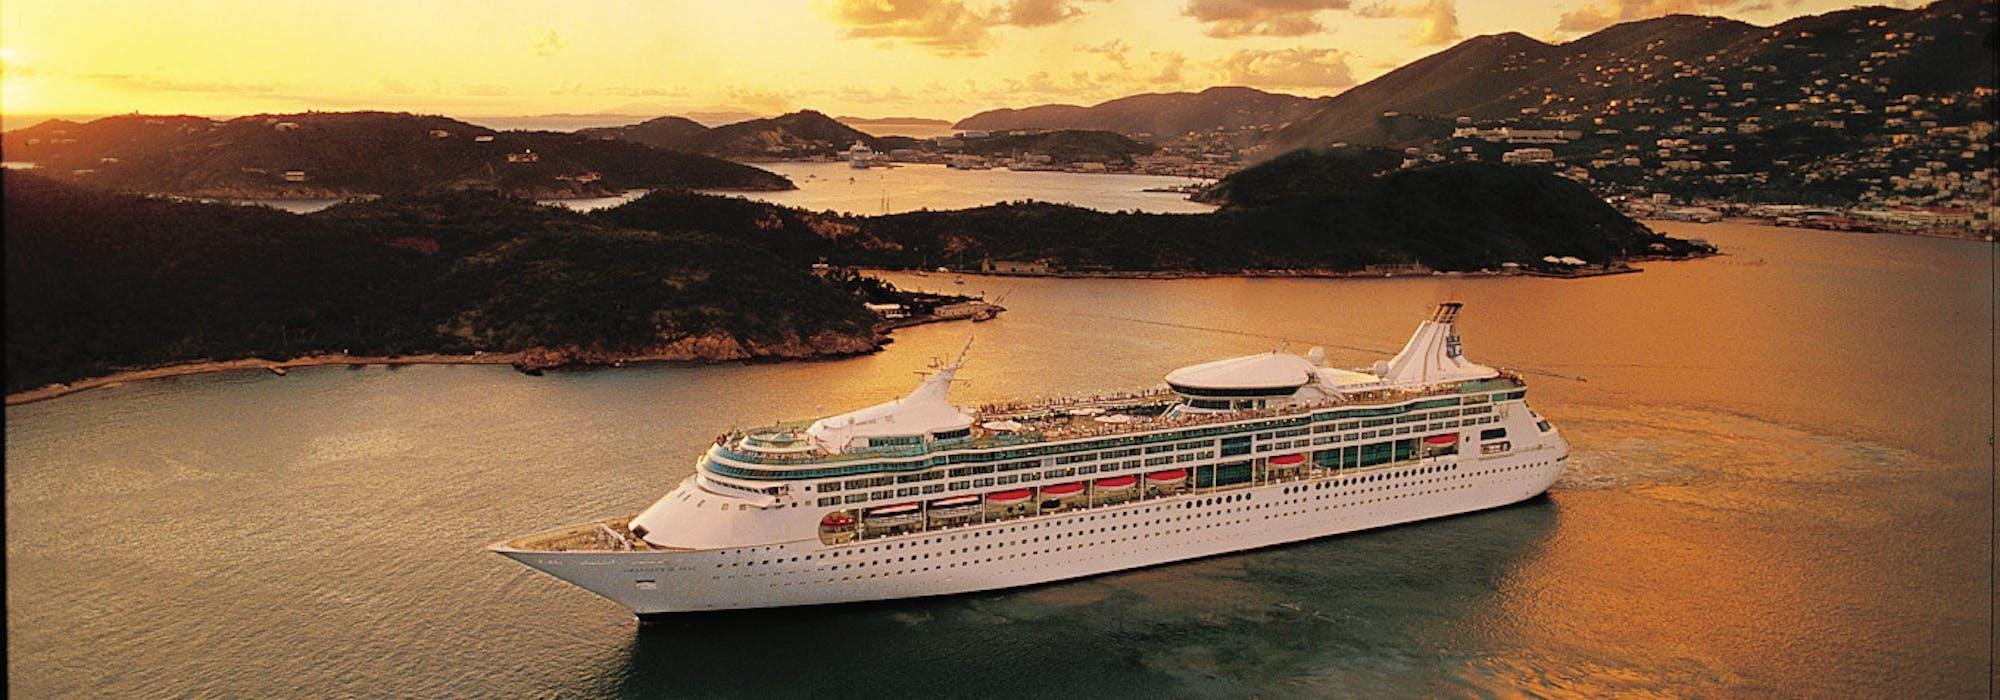 Bild på Rhapsody of the Seas, taget från sidan, utanför en Karibisk ö i solnedgången.